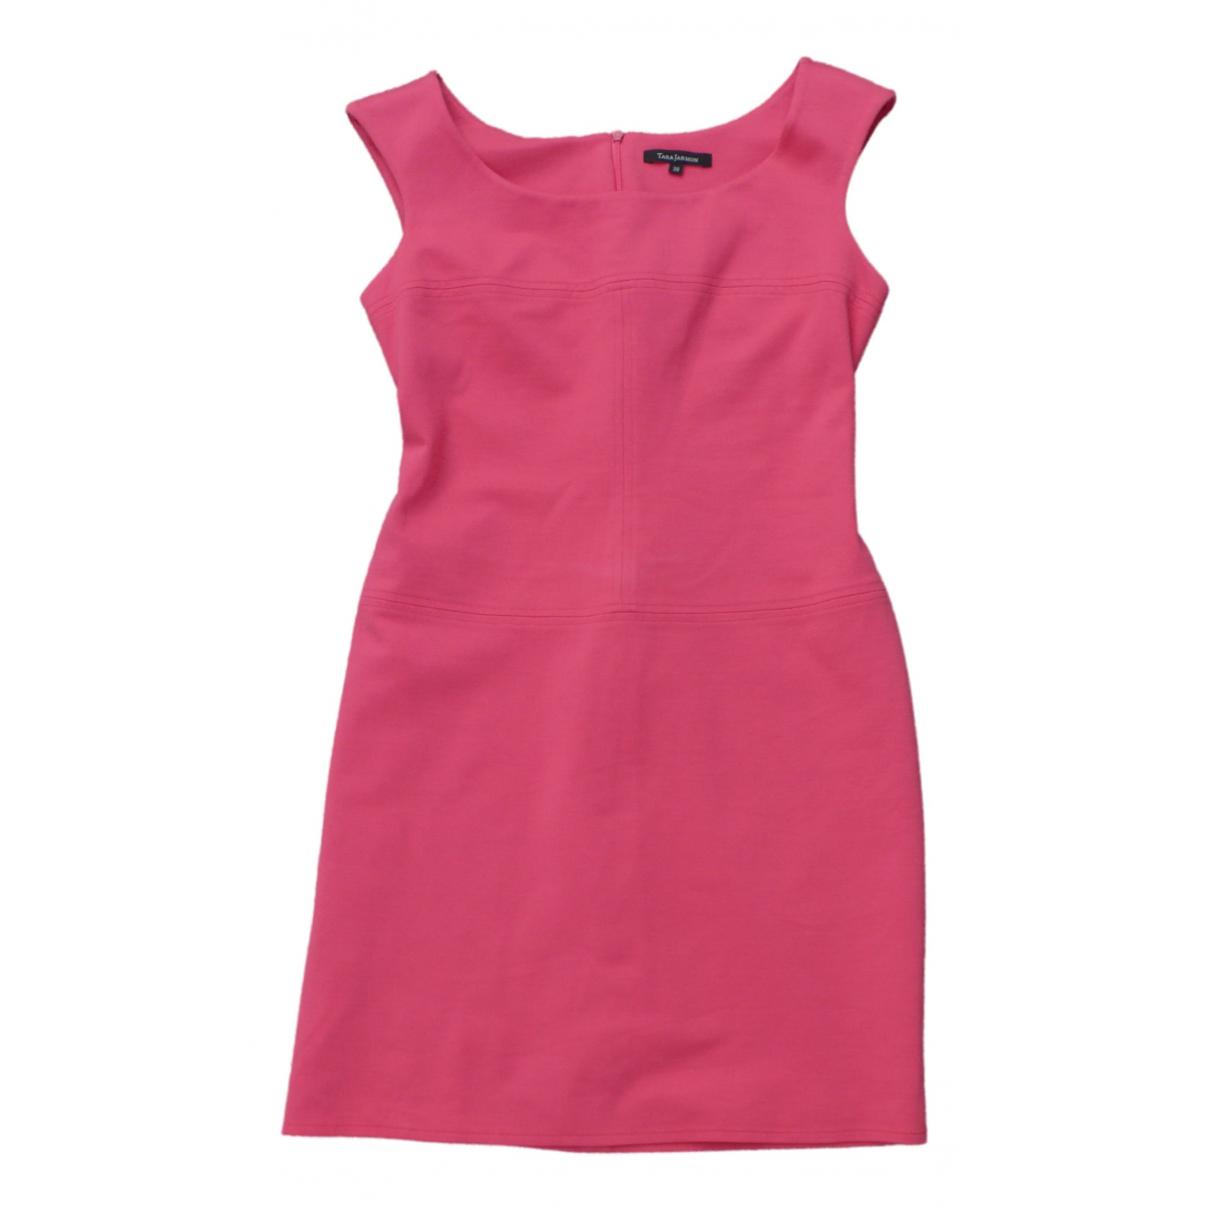 Tara Jarmon \N Pink dress for Women 38 FR